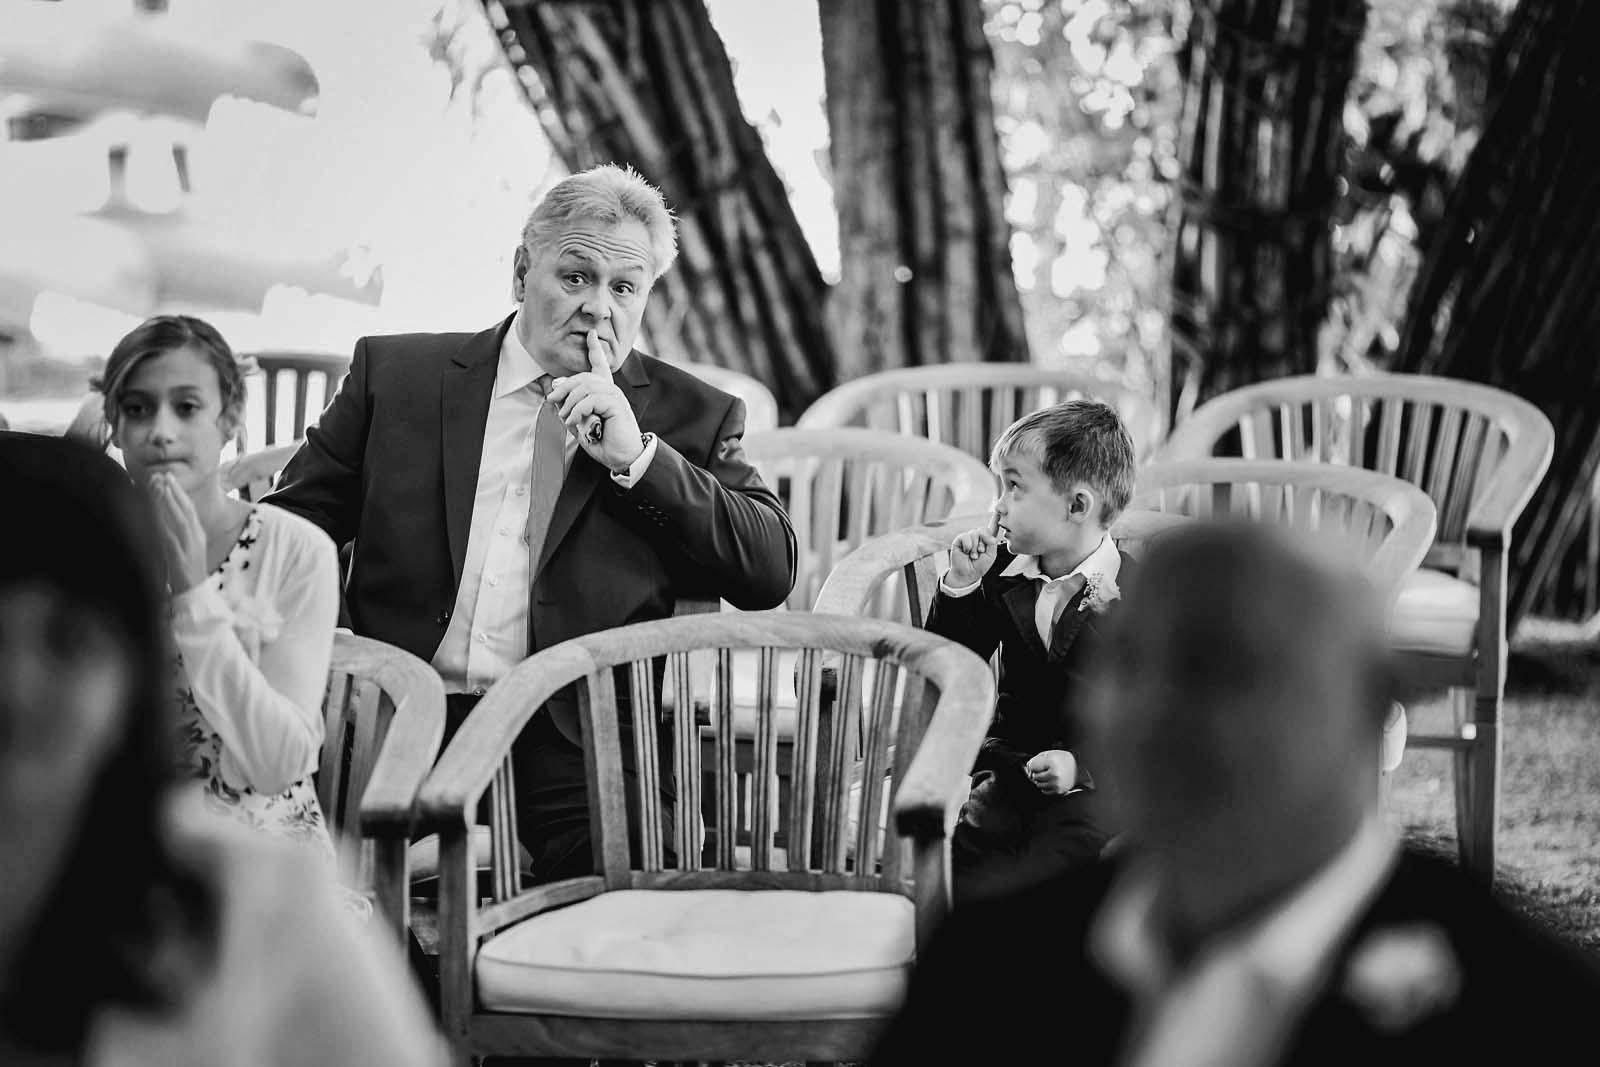 Opa ermahnt Kind zum Leise sein waehrend einer Hochzeit im Weidendom im Spreewald Copyright by Hochzeitsfotograf www.berliner-hochzeitsfotografie.de